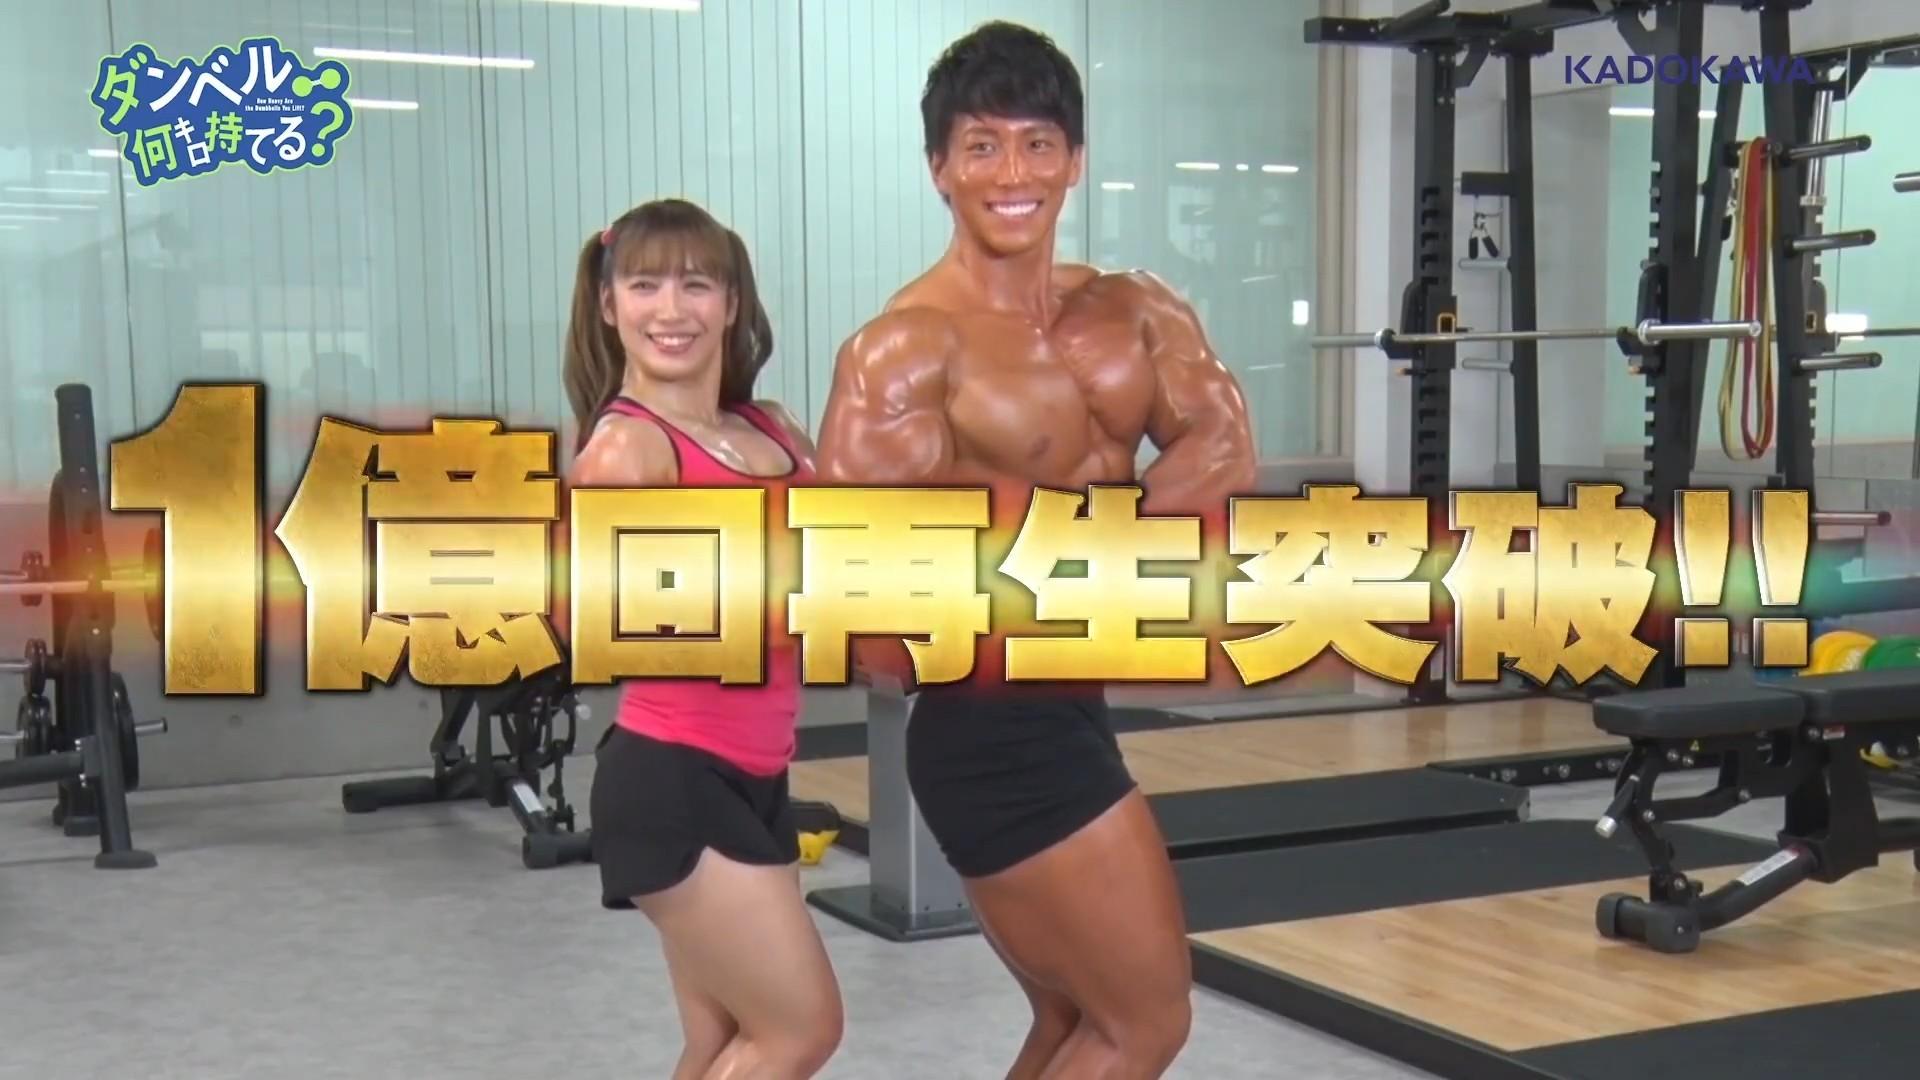 肌肉的力量!《健身少女》动画片头曲MV油管播放破亿,纪念视频公开-